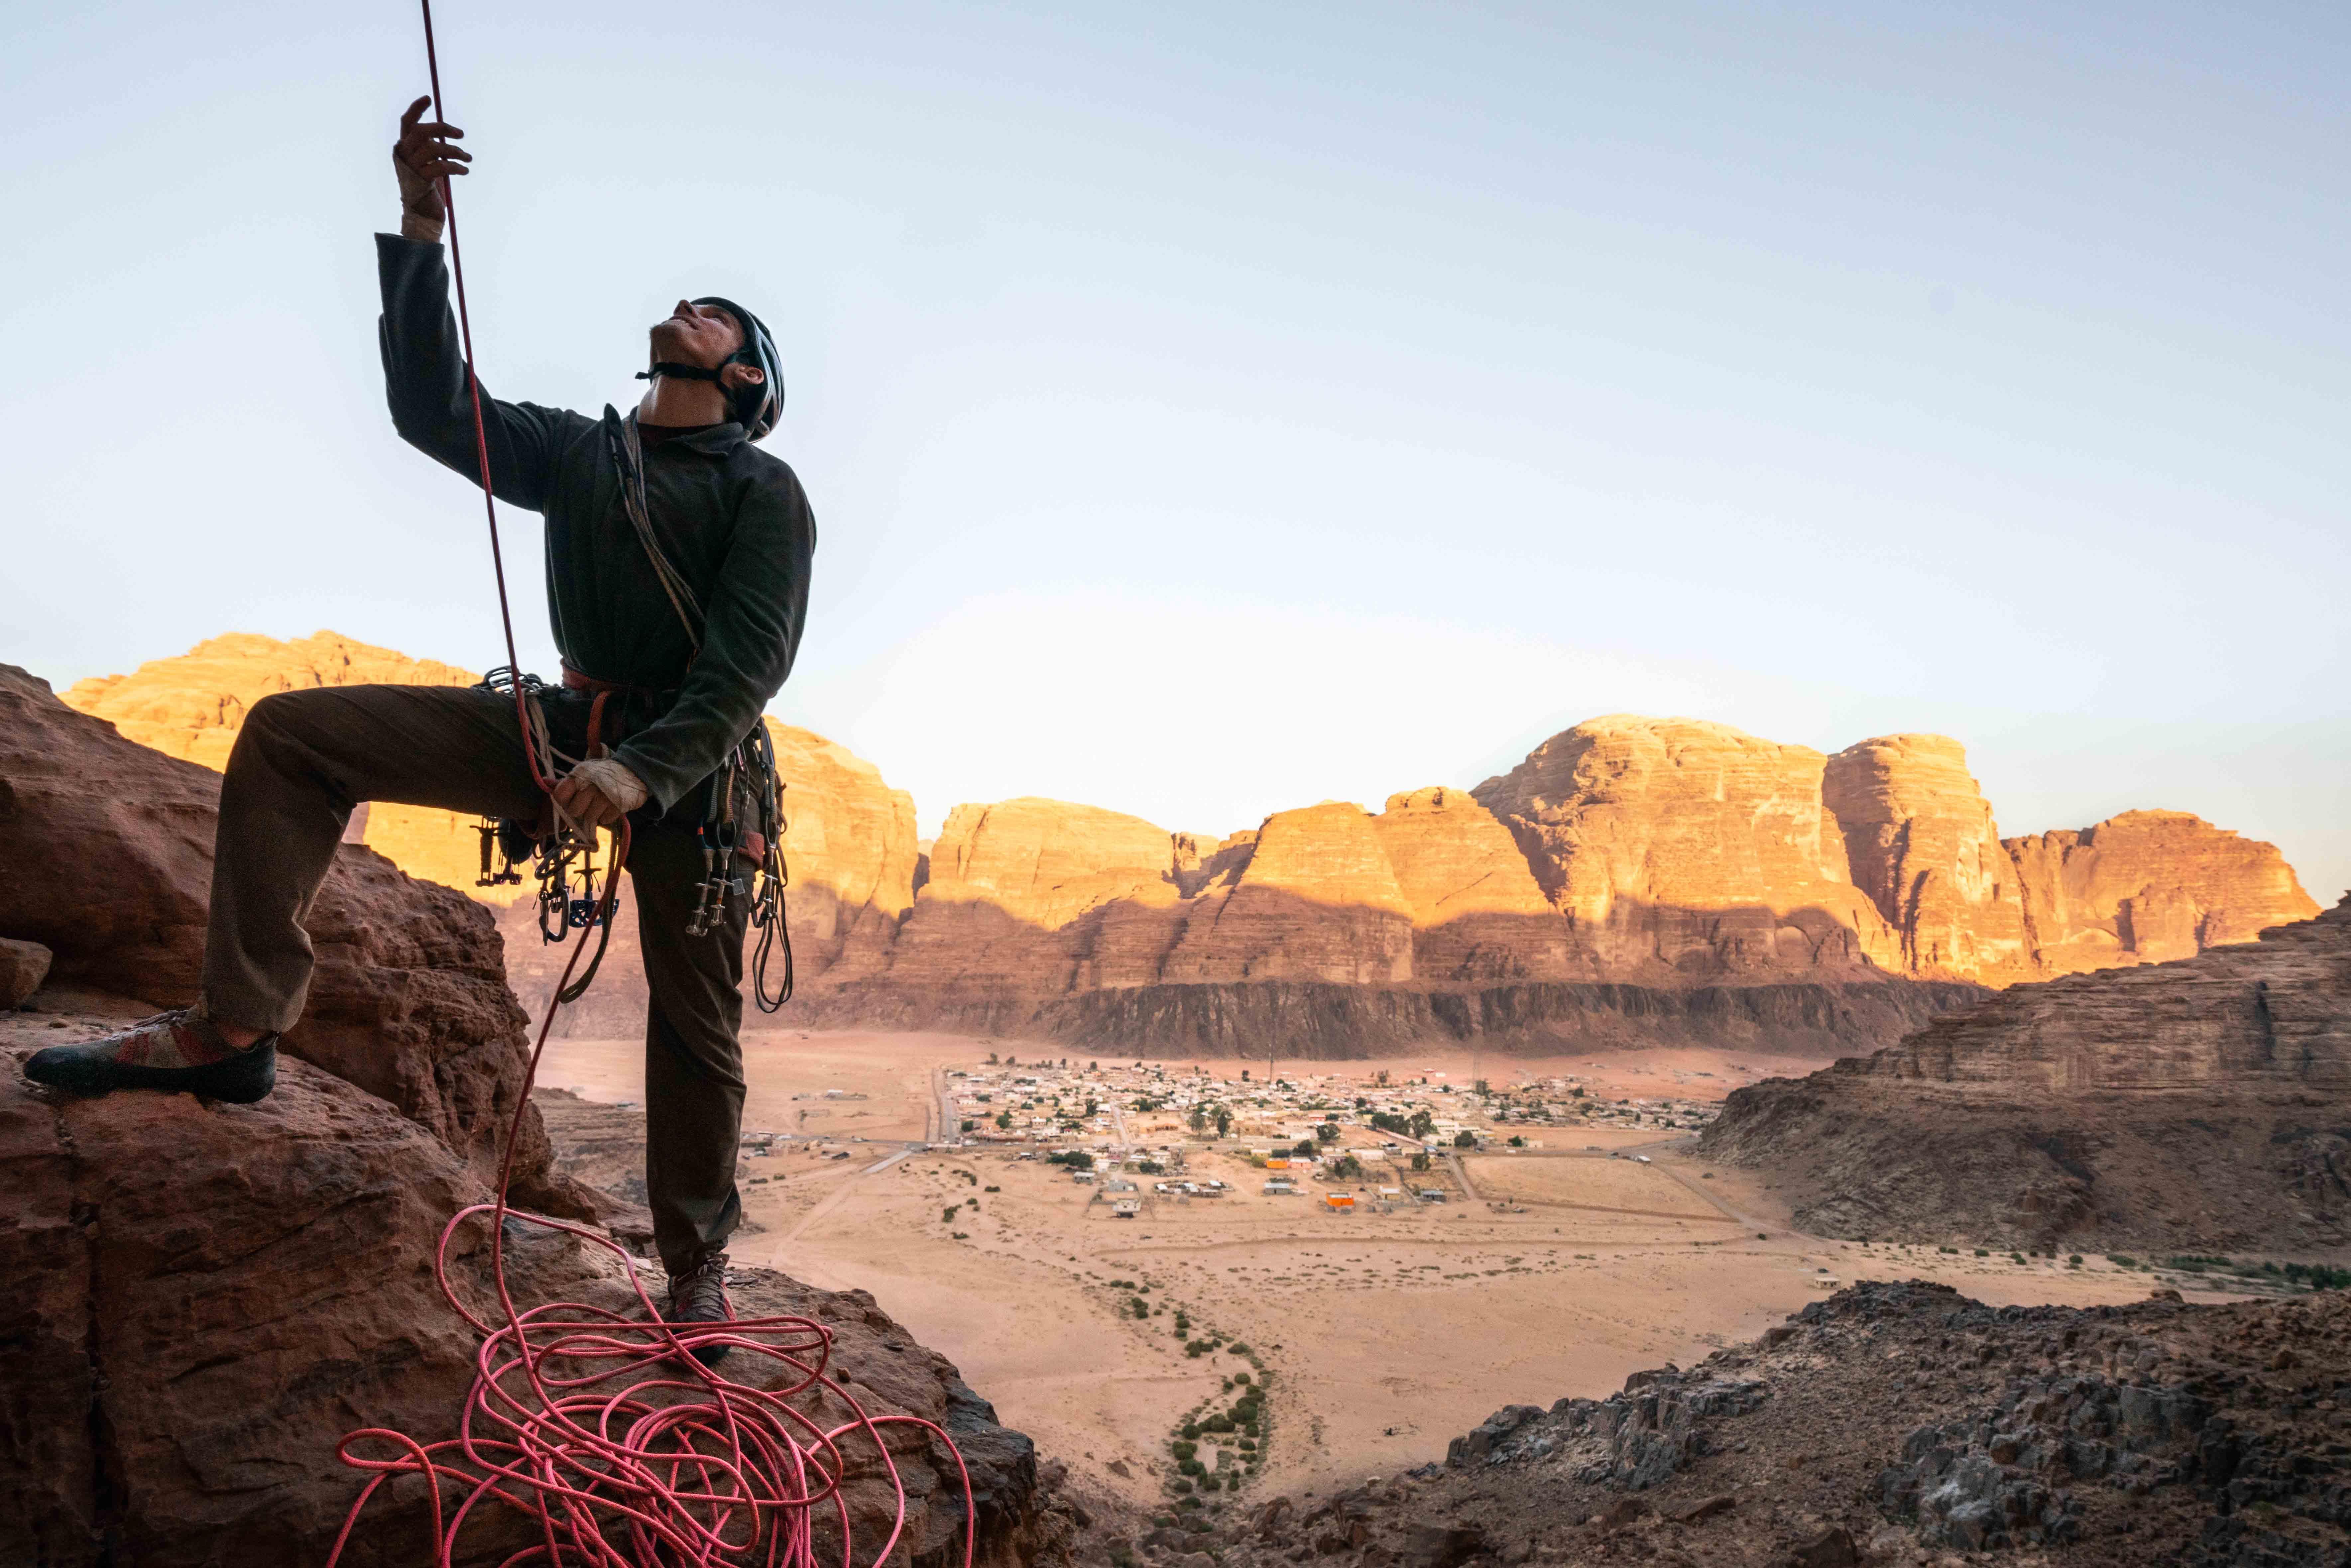 Un primo piano di una persona che si assicura con il deserto giordano alle spalle